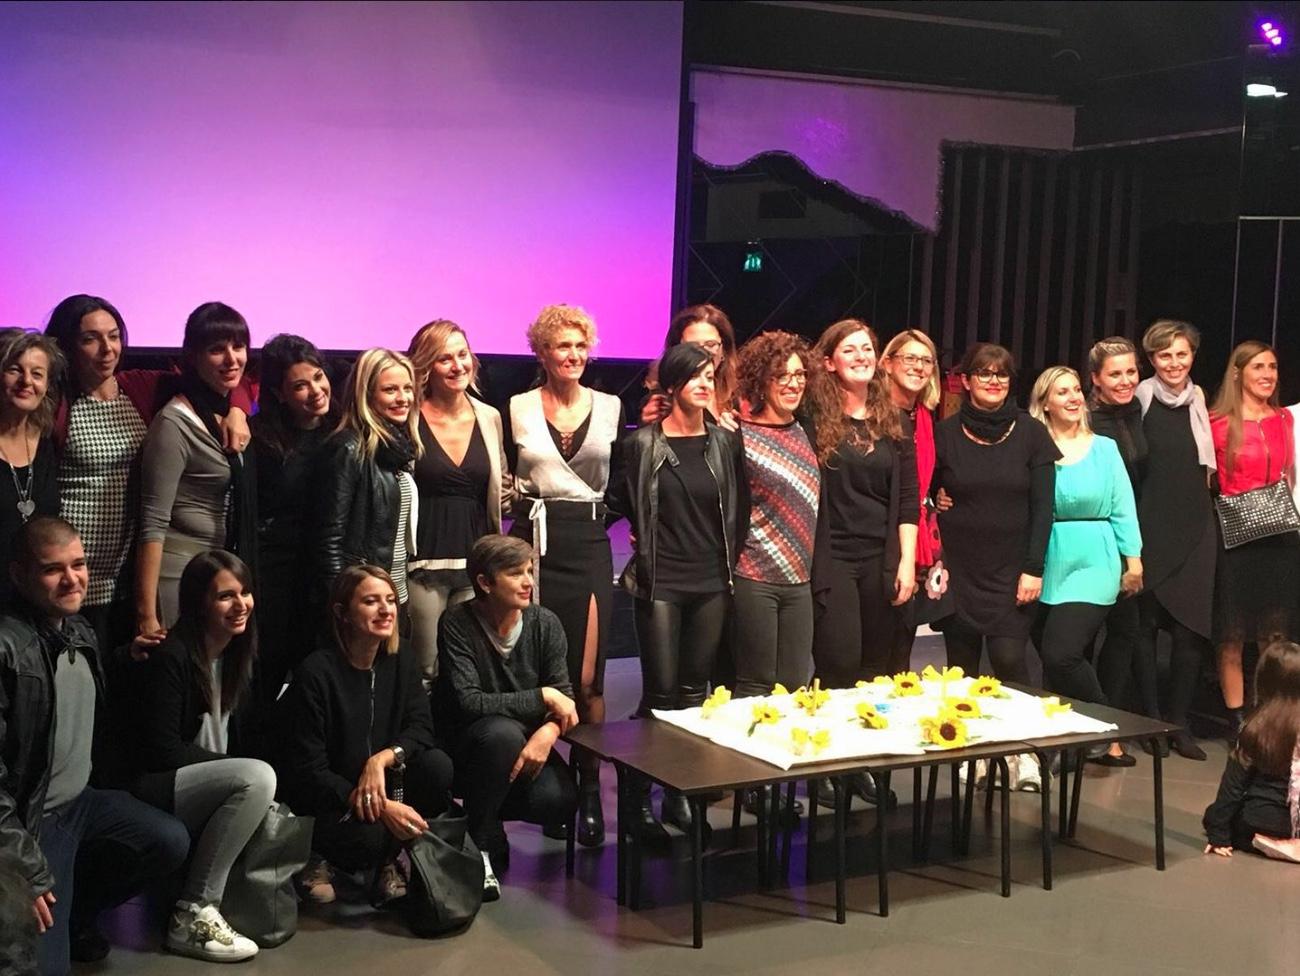 Girogirotondo: i 20 anni di futuro raccontati in uno spettacolo teatrale dai soci della cooperativa sociale di Comacchio